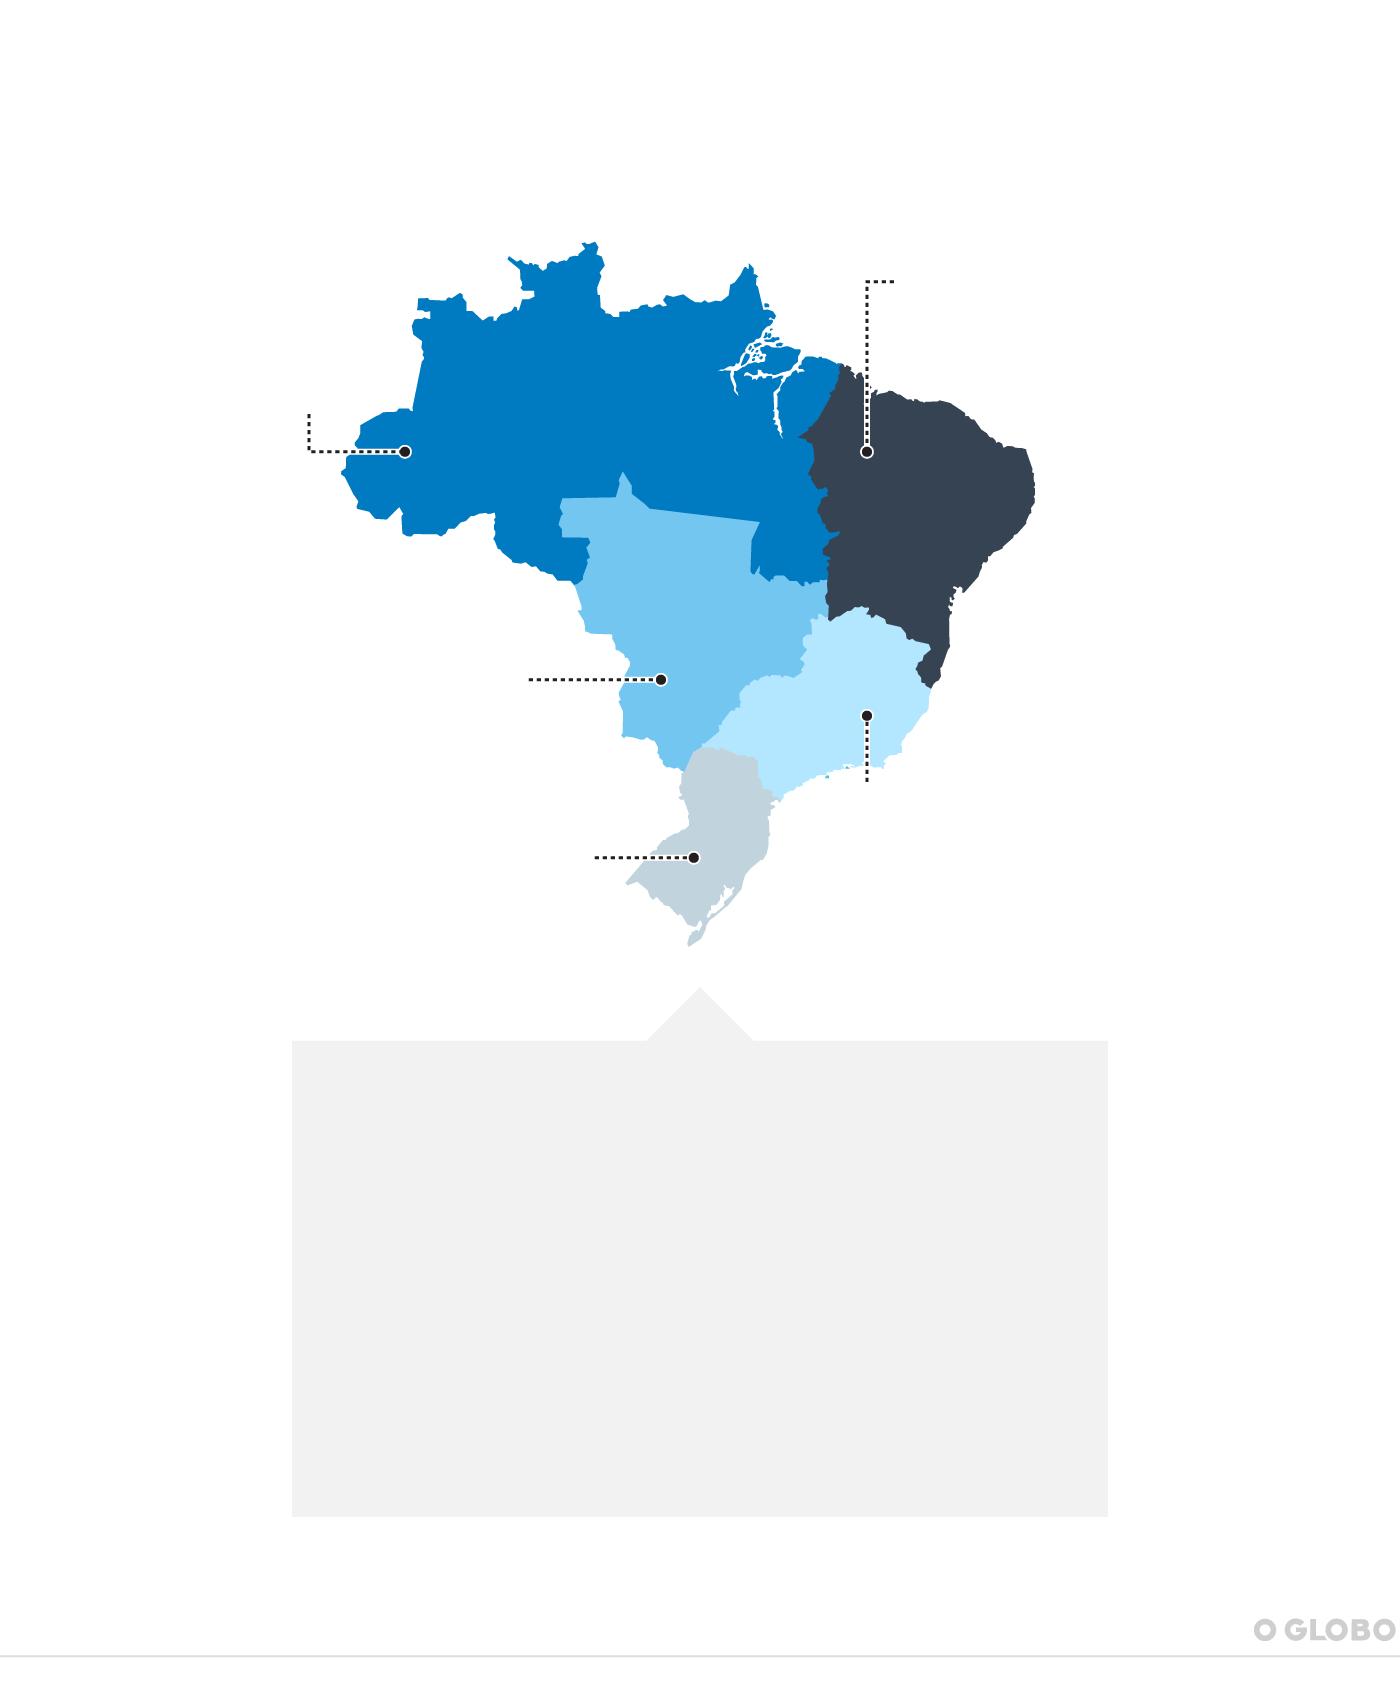 Em 2016, índice de analfabetismo no Brasil ficou em 7,2%